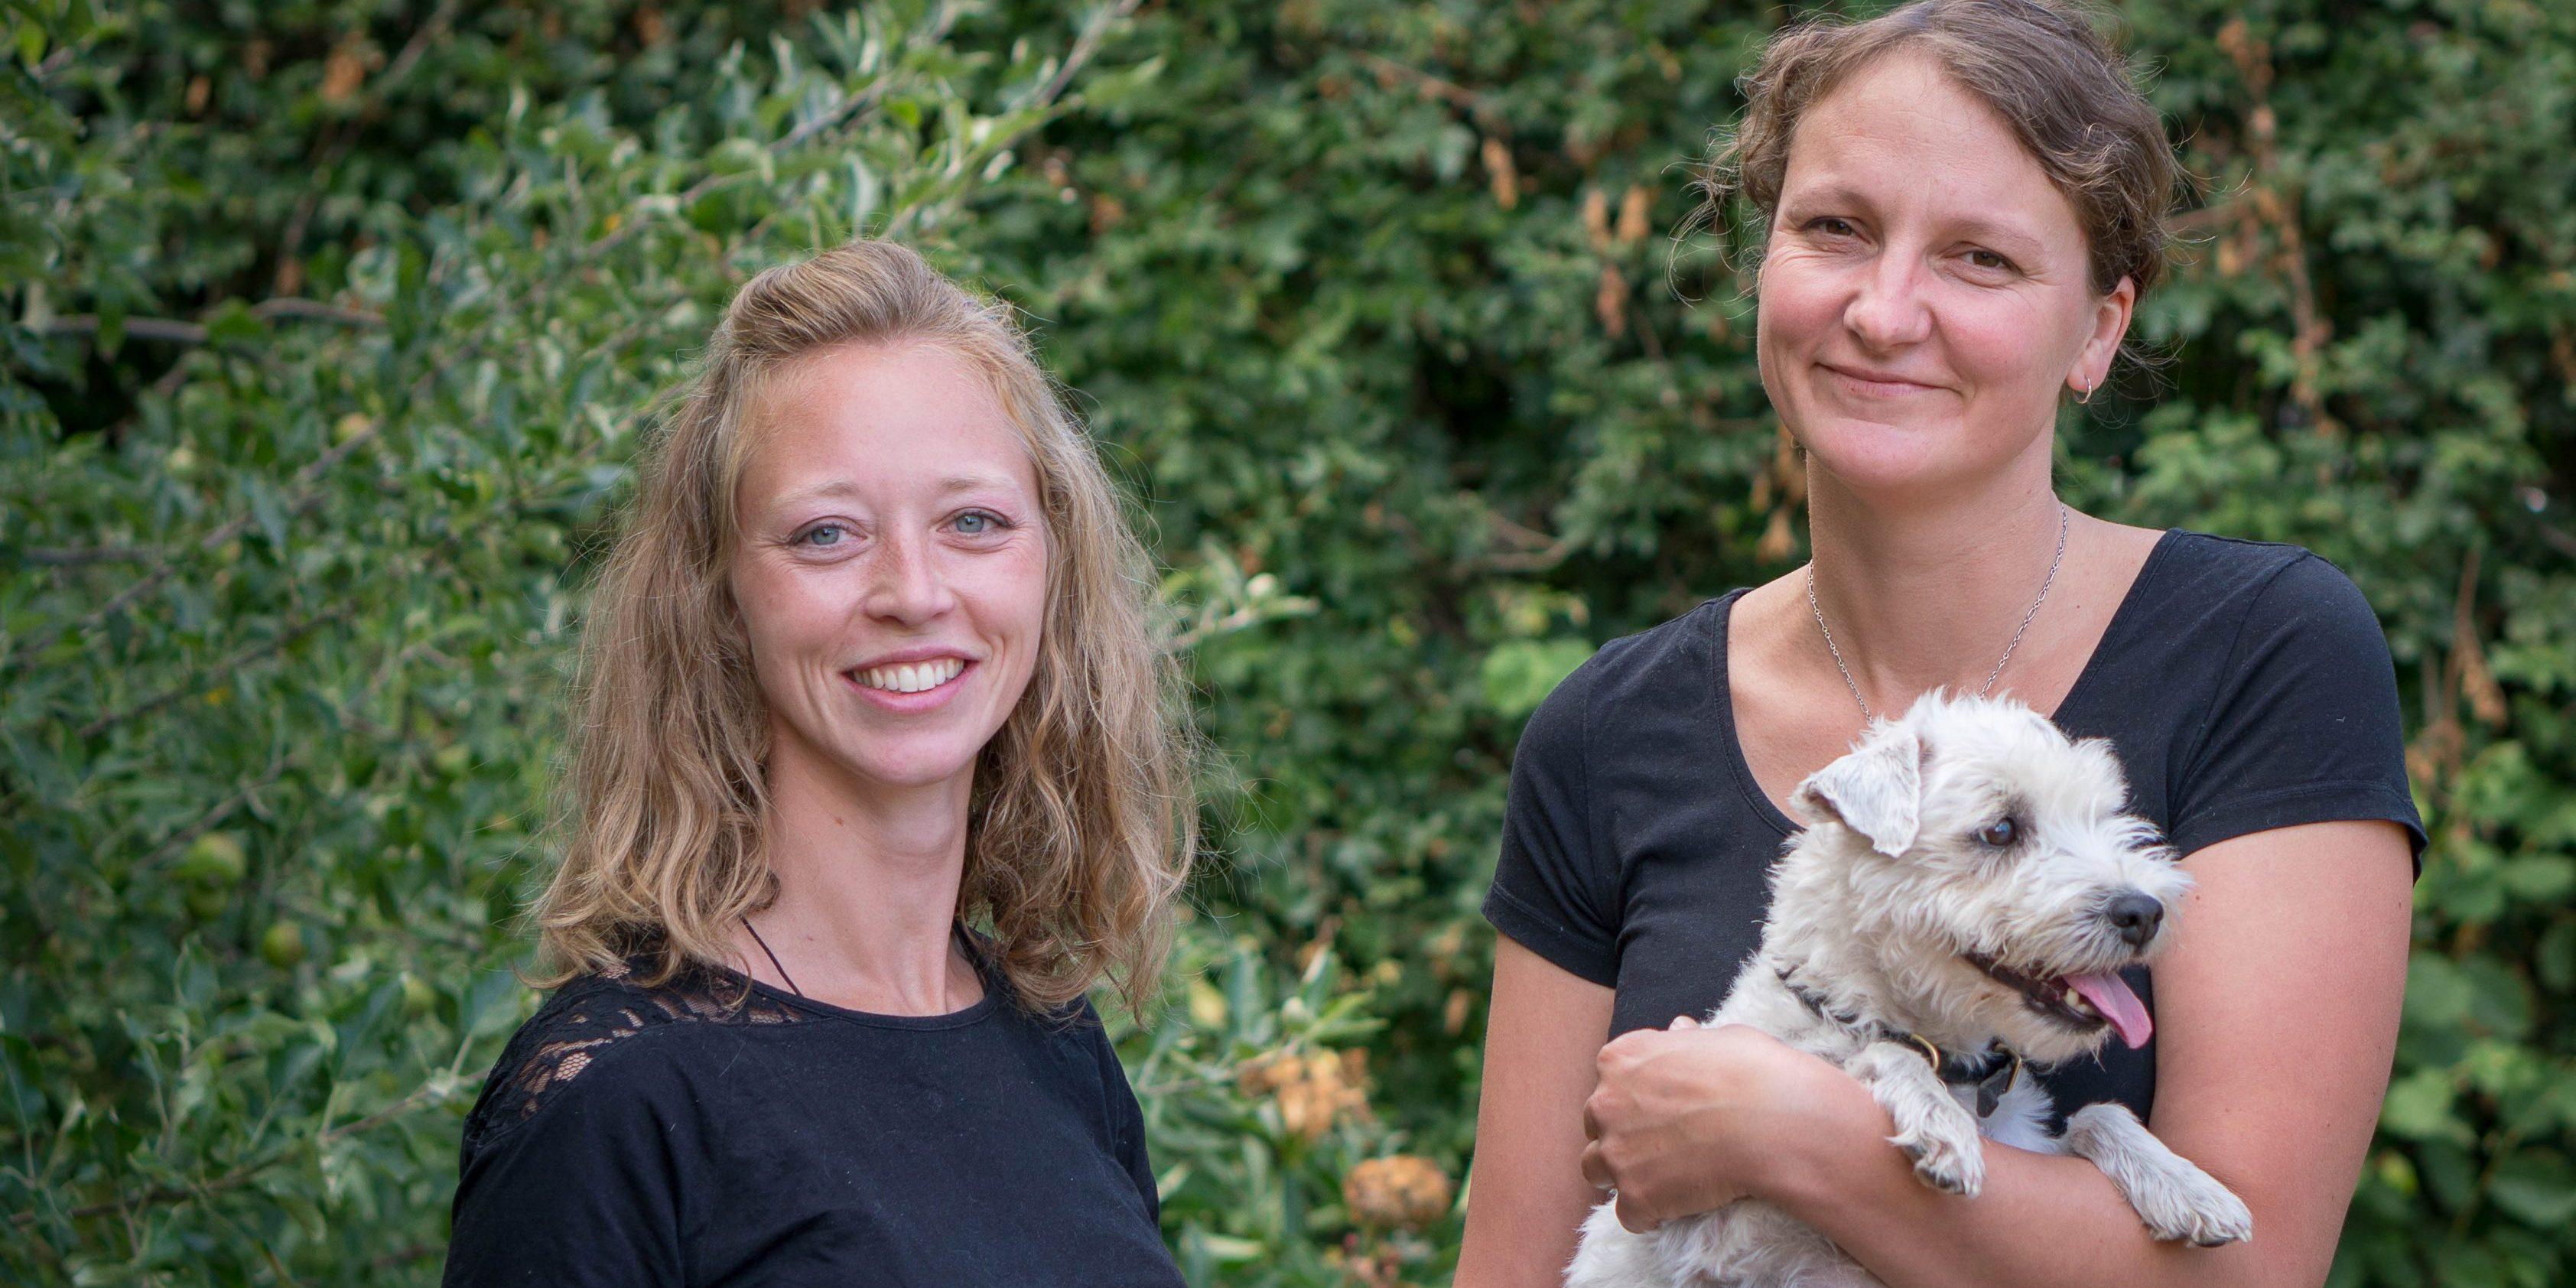 Dyrlægerne Cecilie og Laura med hunden Aibo